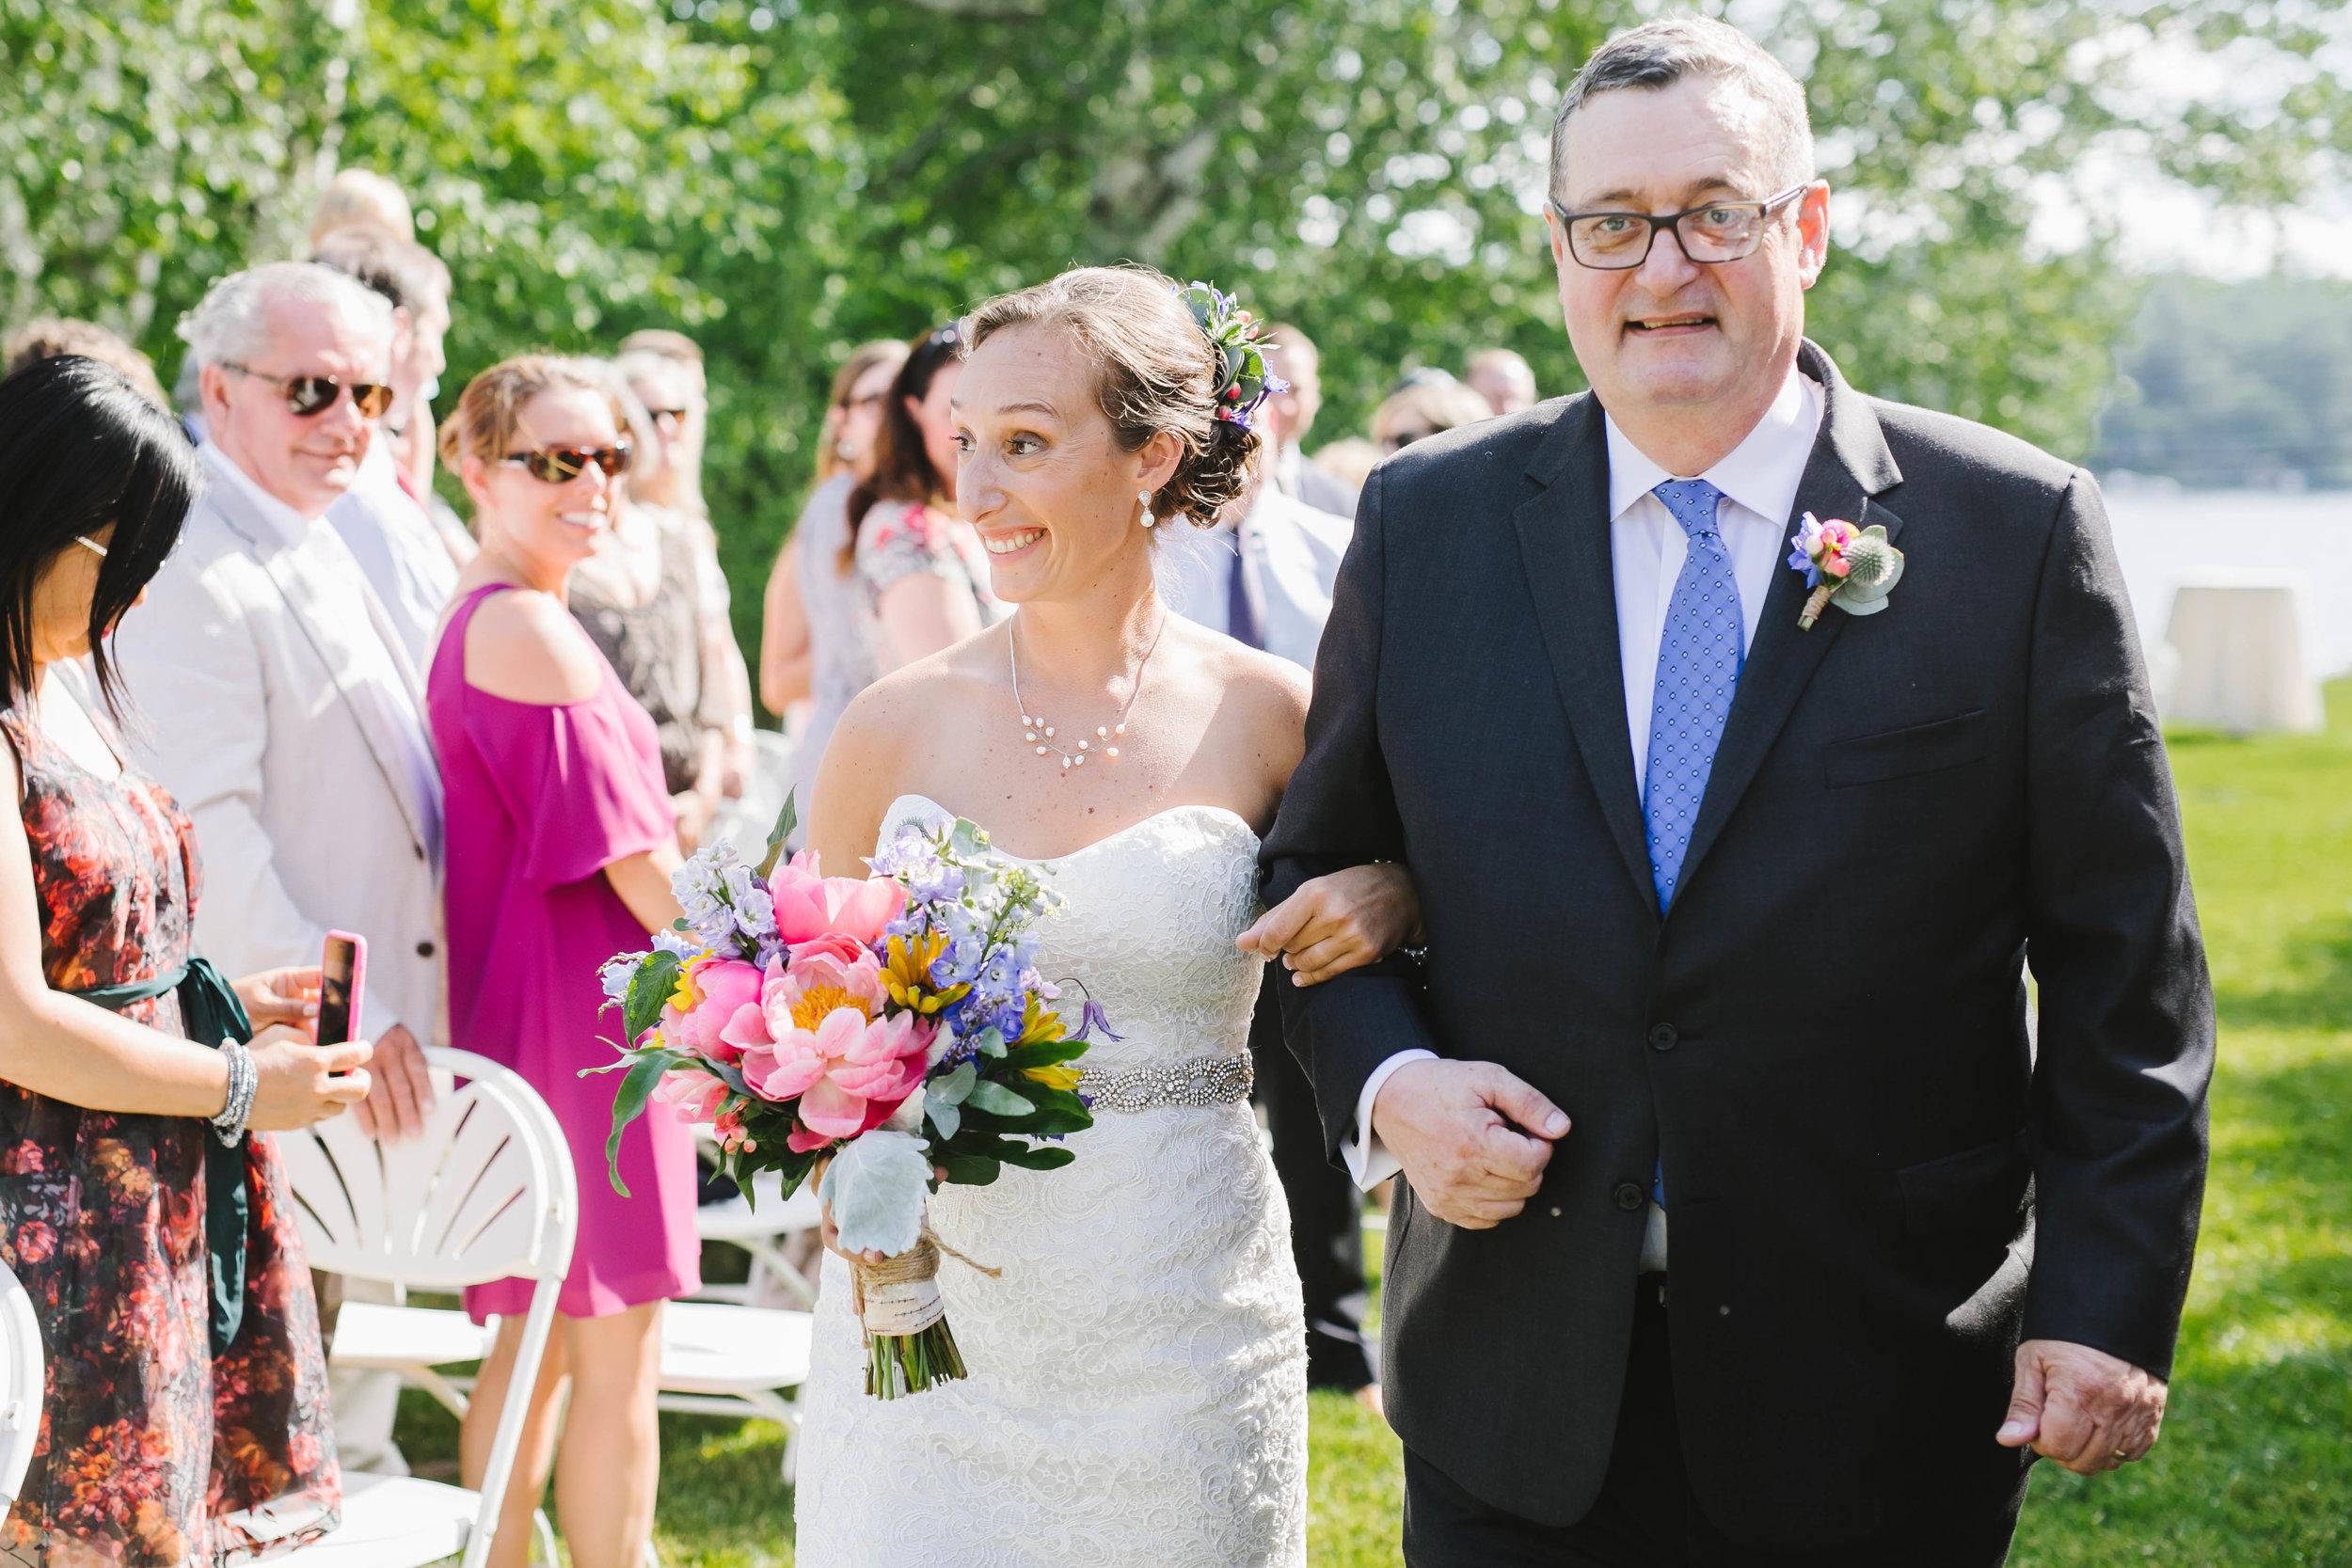 Wedding at Inn at Newfound Lake Bristol RI Kate and Kate-5.jpg